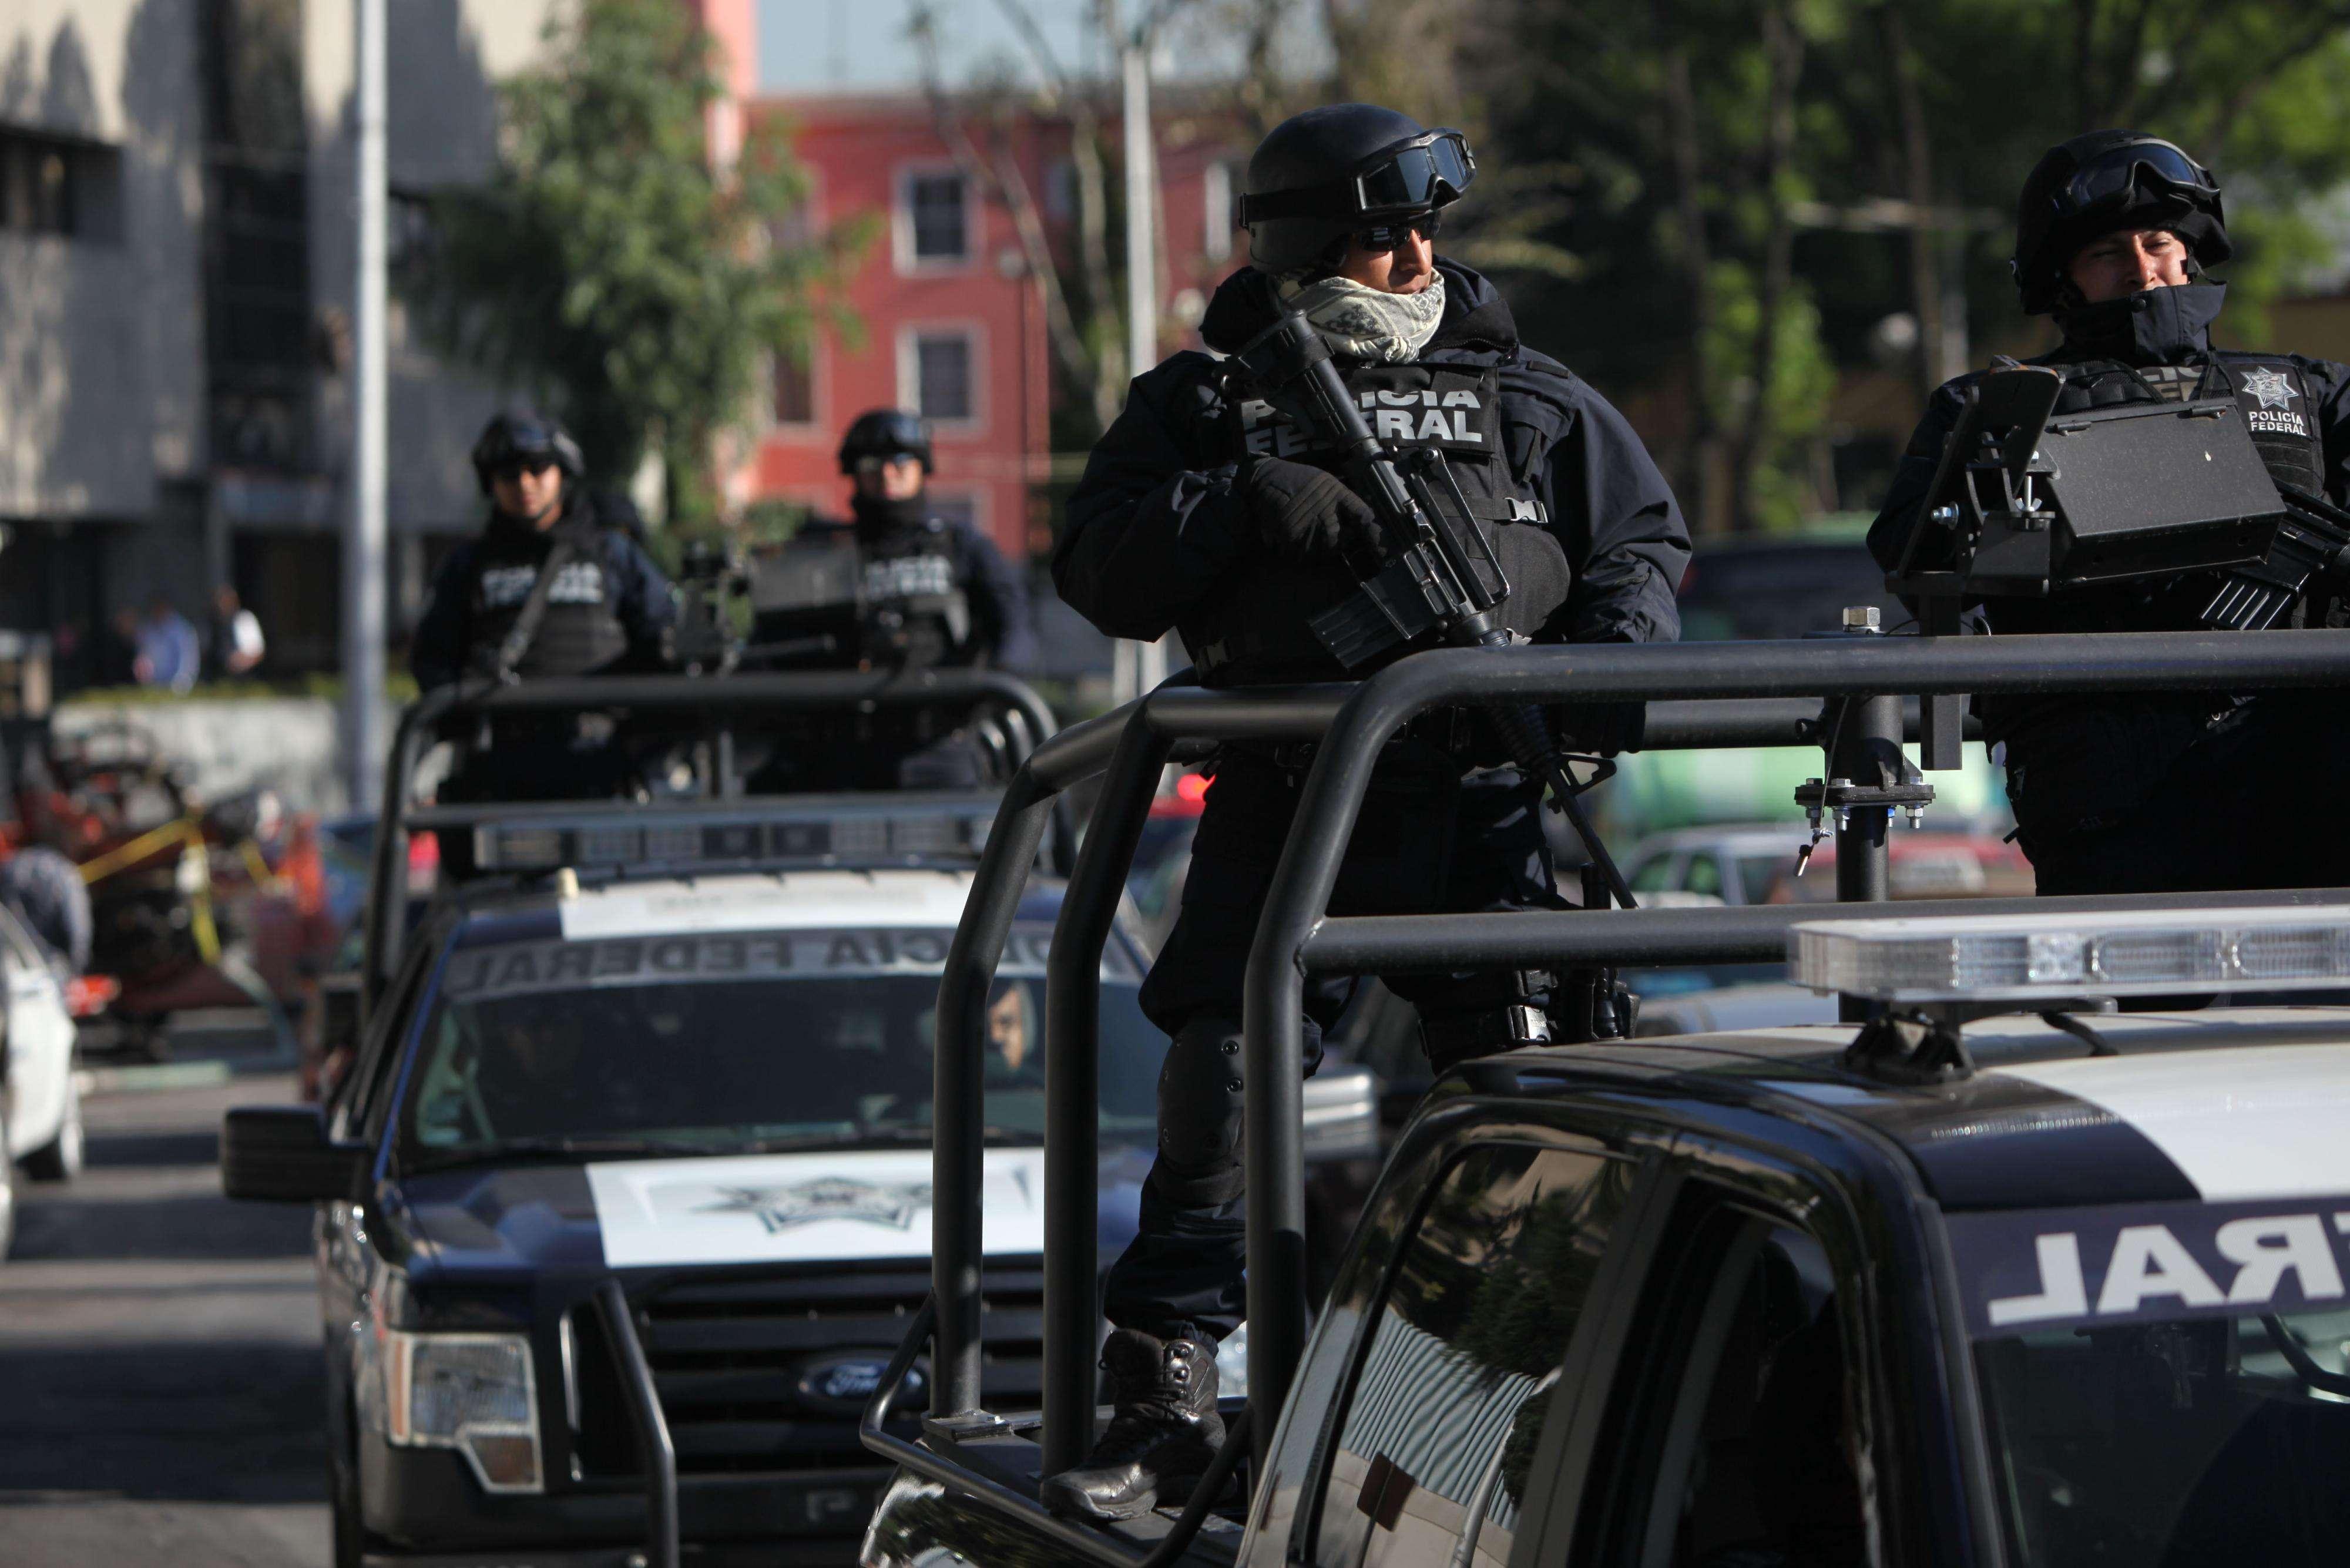 Instalaciones federales, del hangar de la Procuraduría General de la República (PGR) y Subprocuraduría Especializada en Investigación de Delincuencia Organizada (Seido), son fuertemente custodiadas por elementos de la Marina, Policía Federal y del Ejército Mexicano. Foto: AP en español